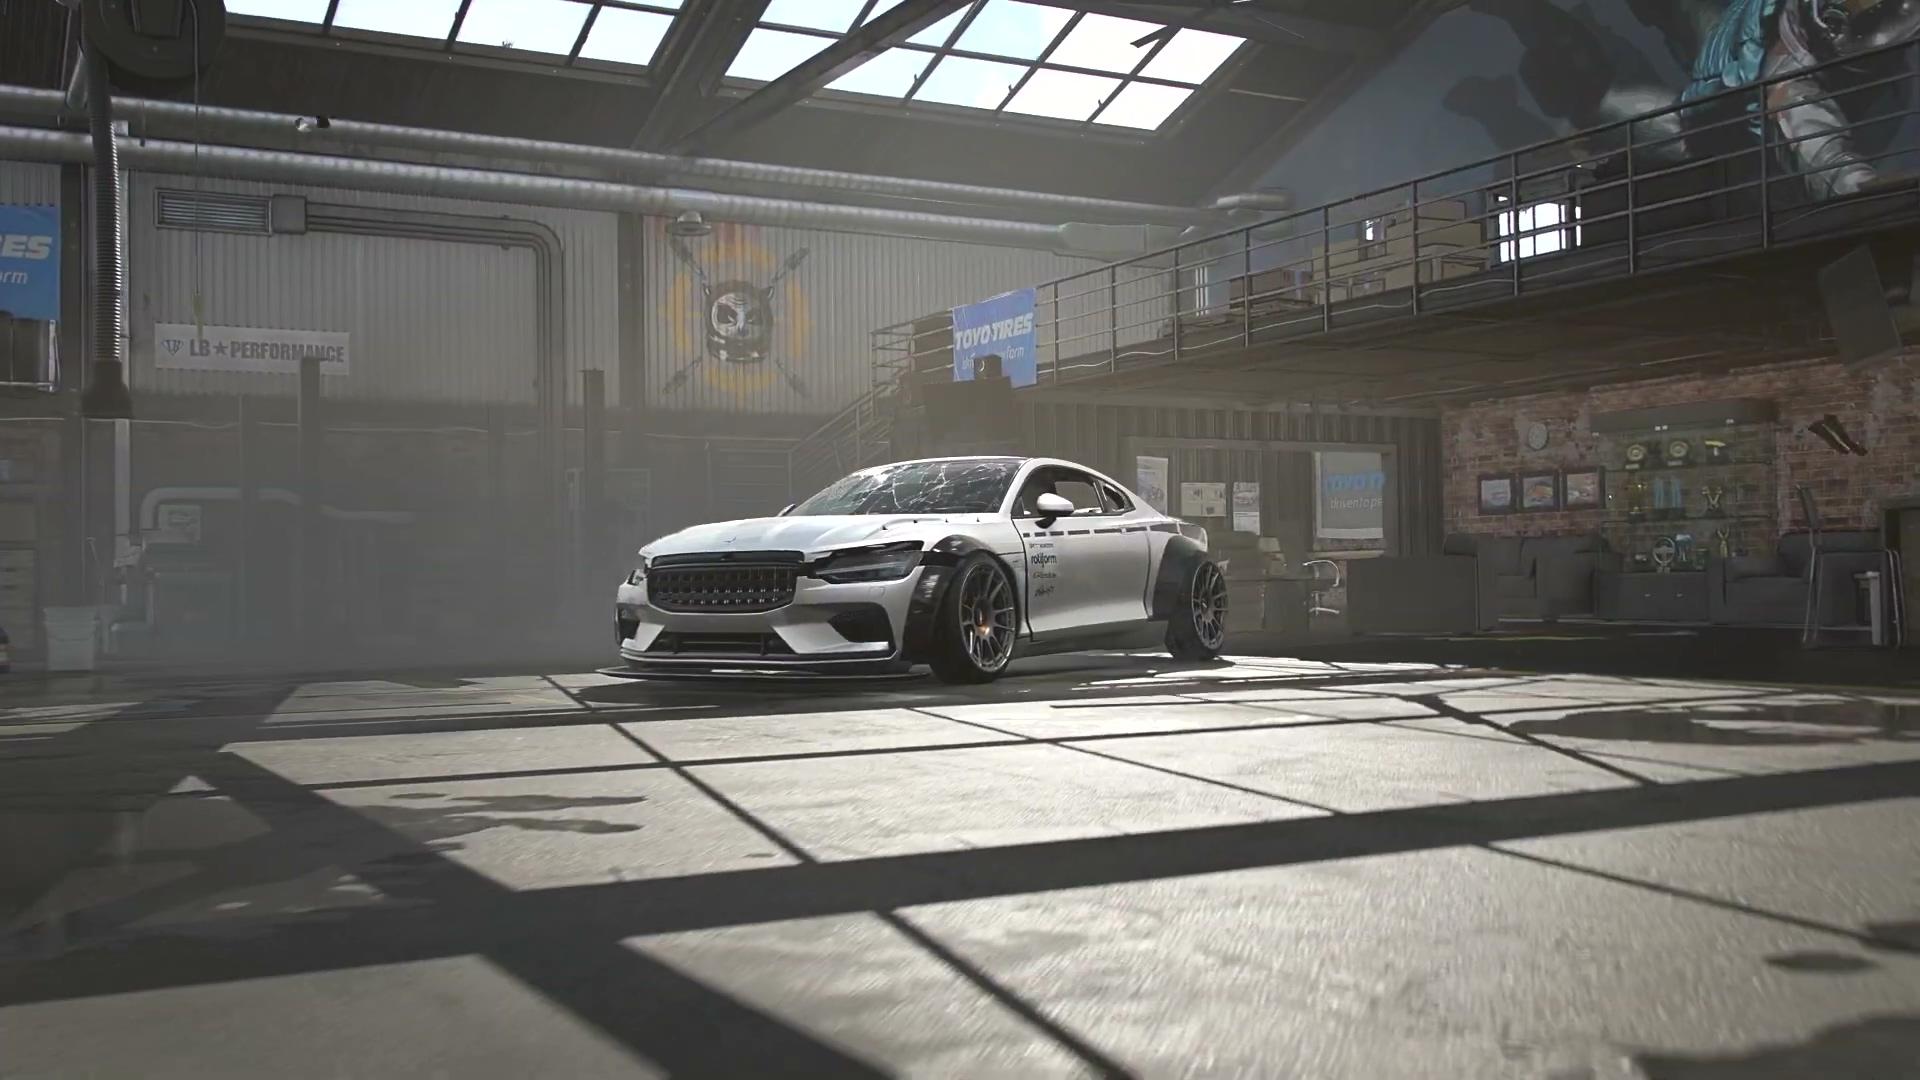 《极品飞车21》首个预告片公布 预购已开启 11/8发售